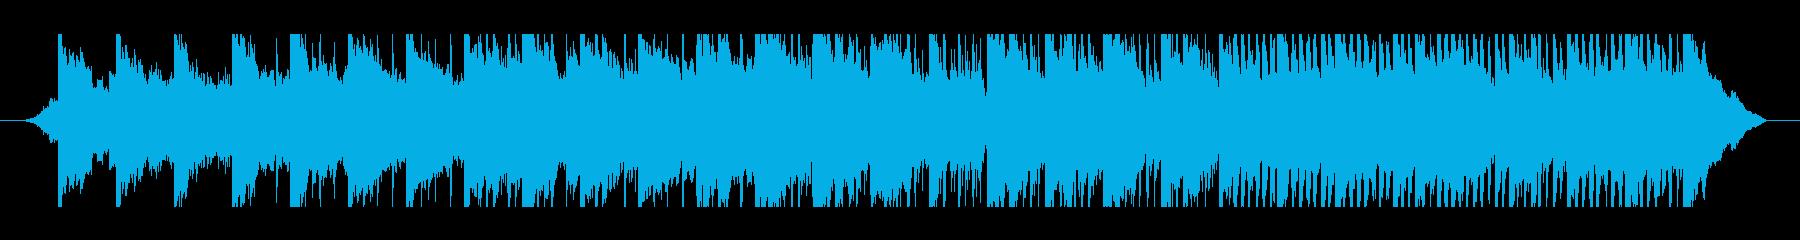 ポジティブな1分コーポレートミュージックの再生済みの波形